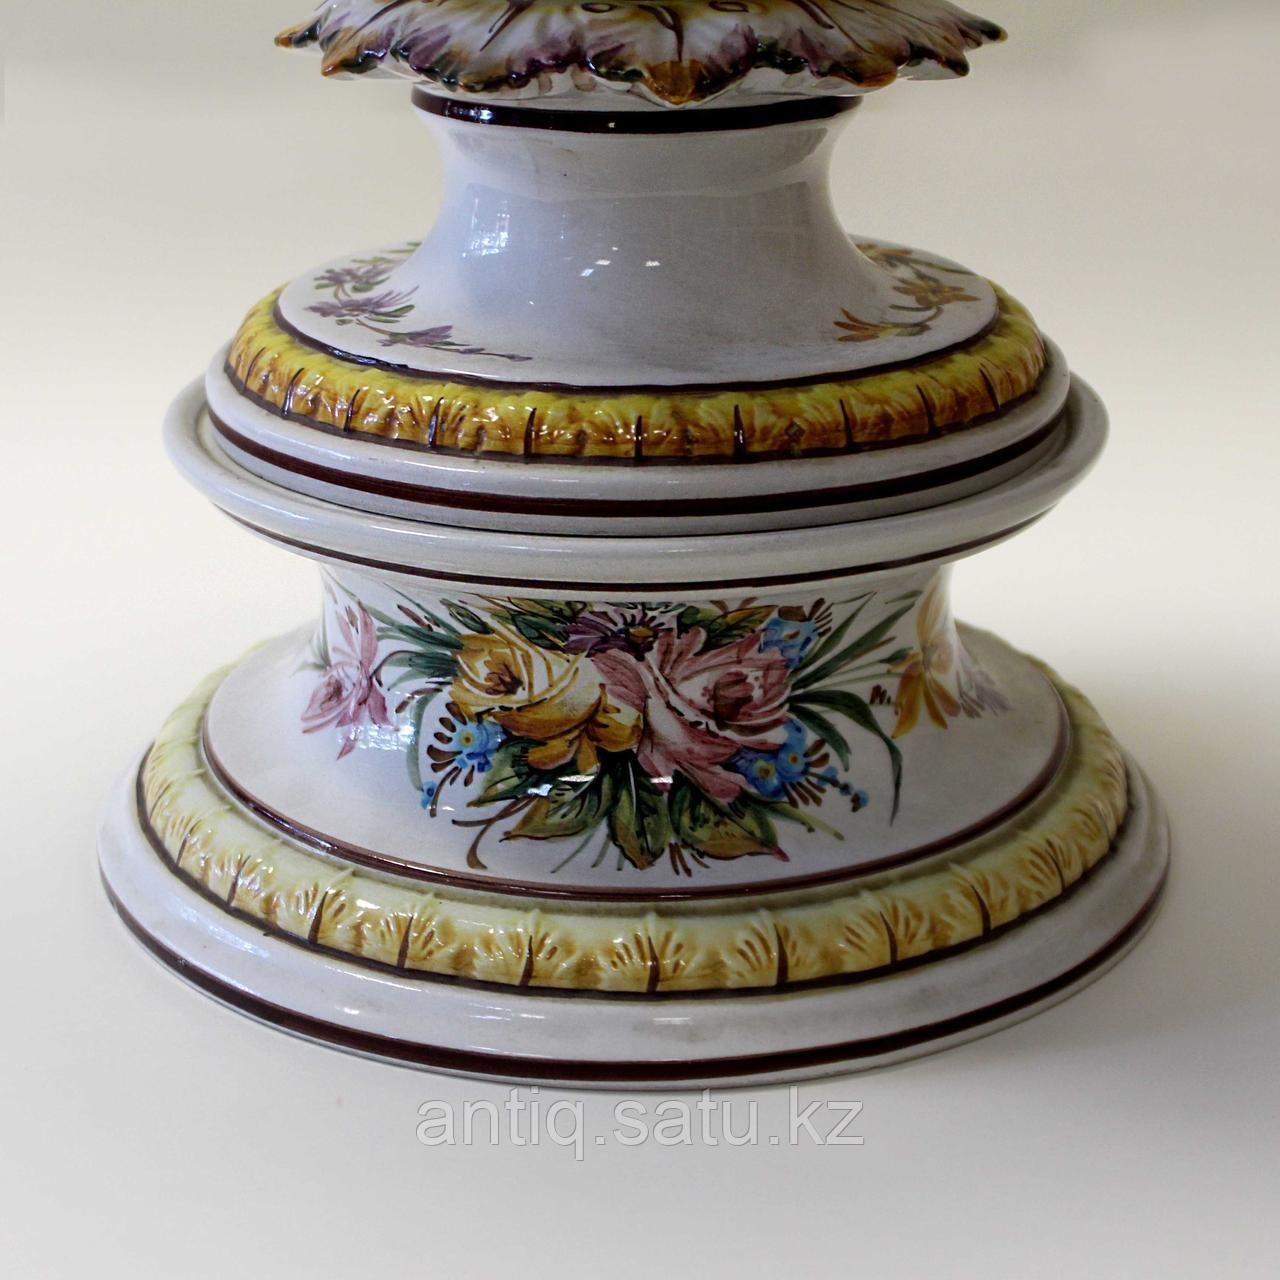 Напольная ваза Carpie Nove. Фарфоровая мануфактура Carpie Nove / Capodimonte - фото 9